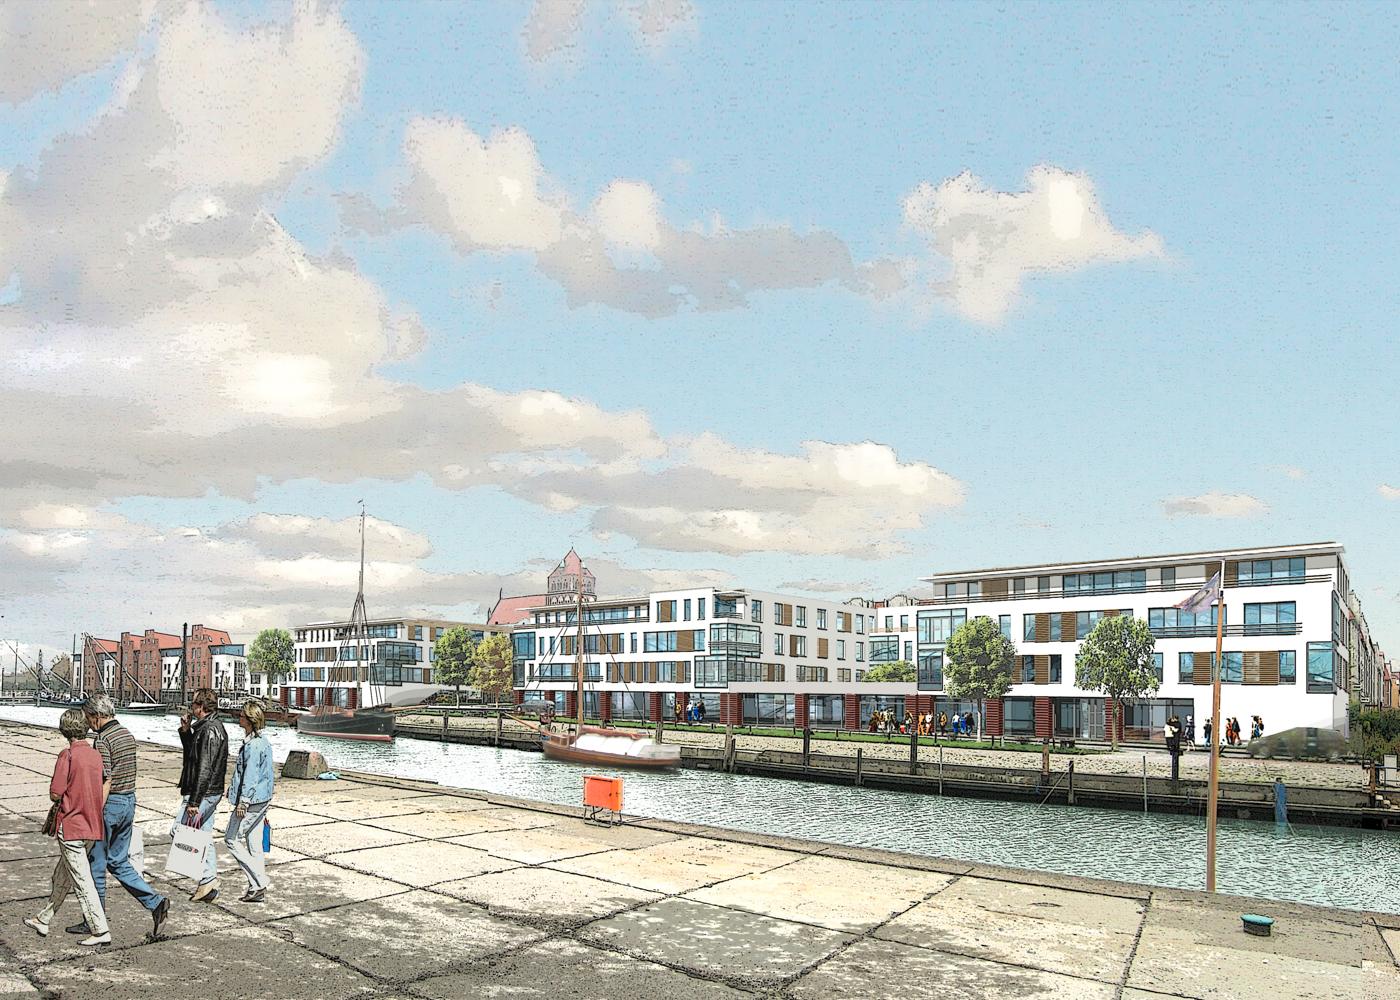 Visualisierung Wettbewerb WVG Hafenbebauung Greifswald